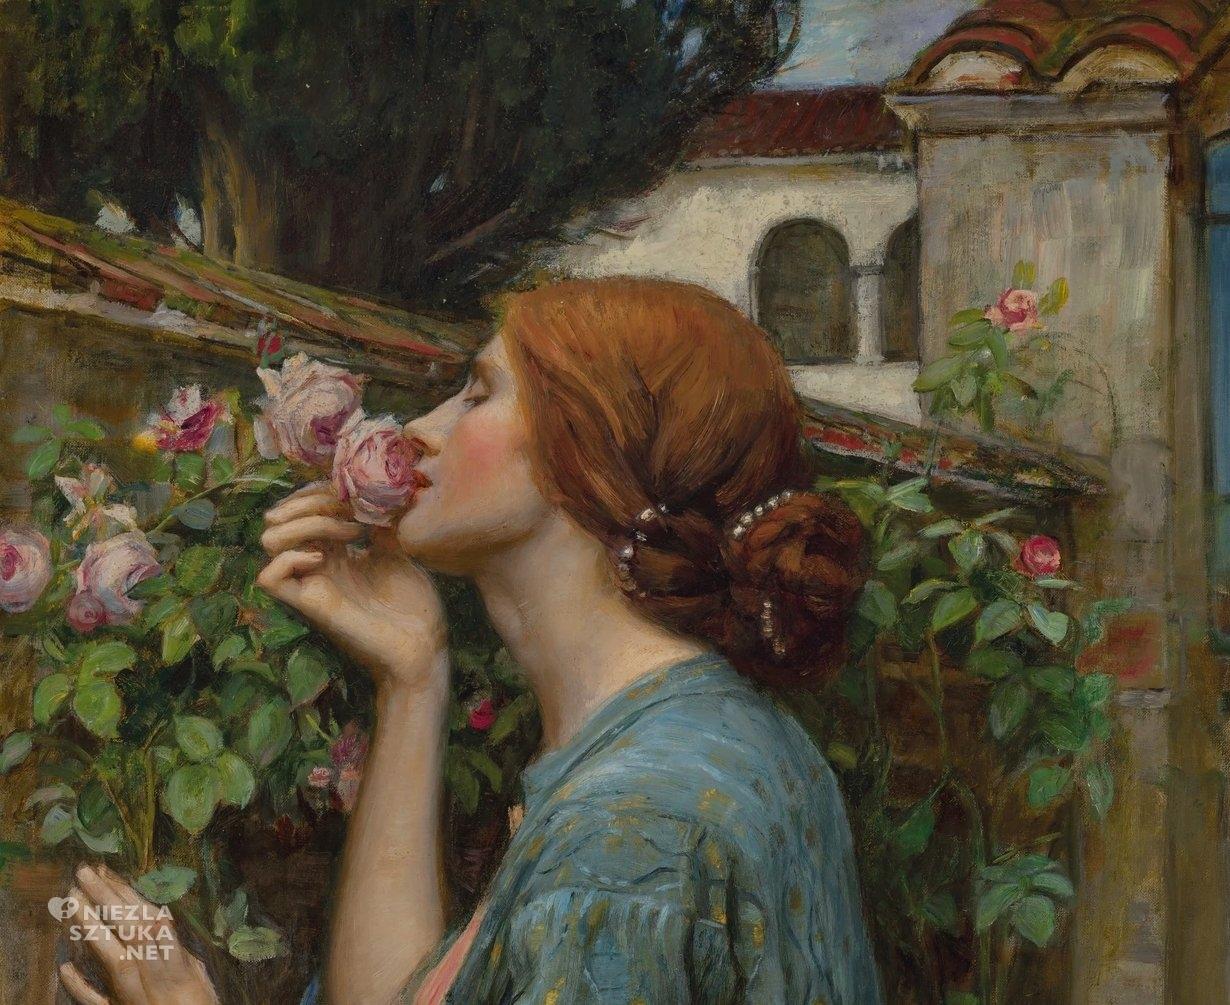 John William Waterhouse, Dusza róży, Moja słodka róża, prerafaelici, Anglia, Niezła Sztuka